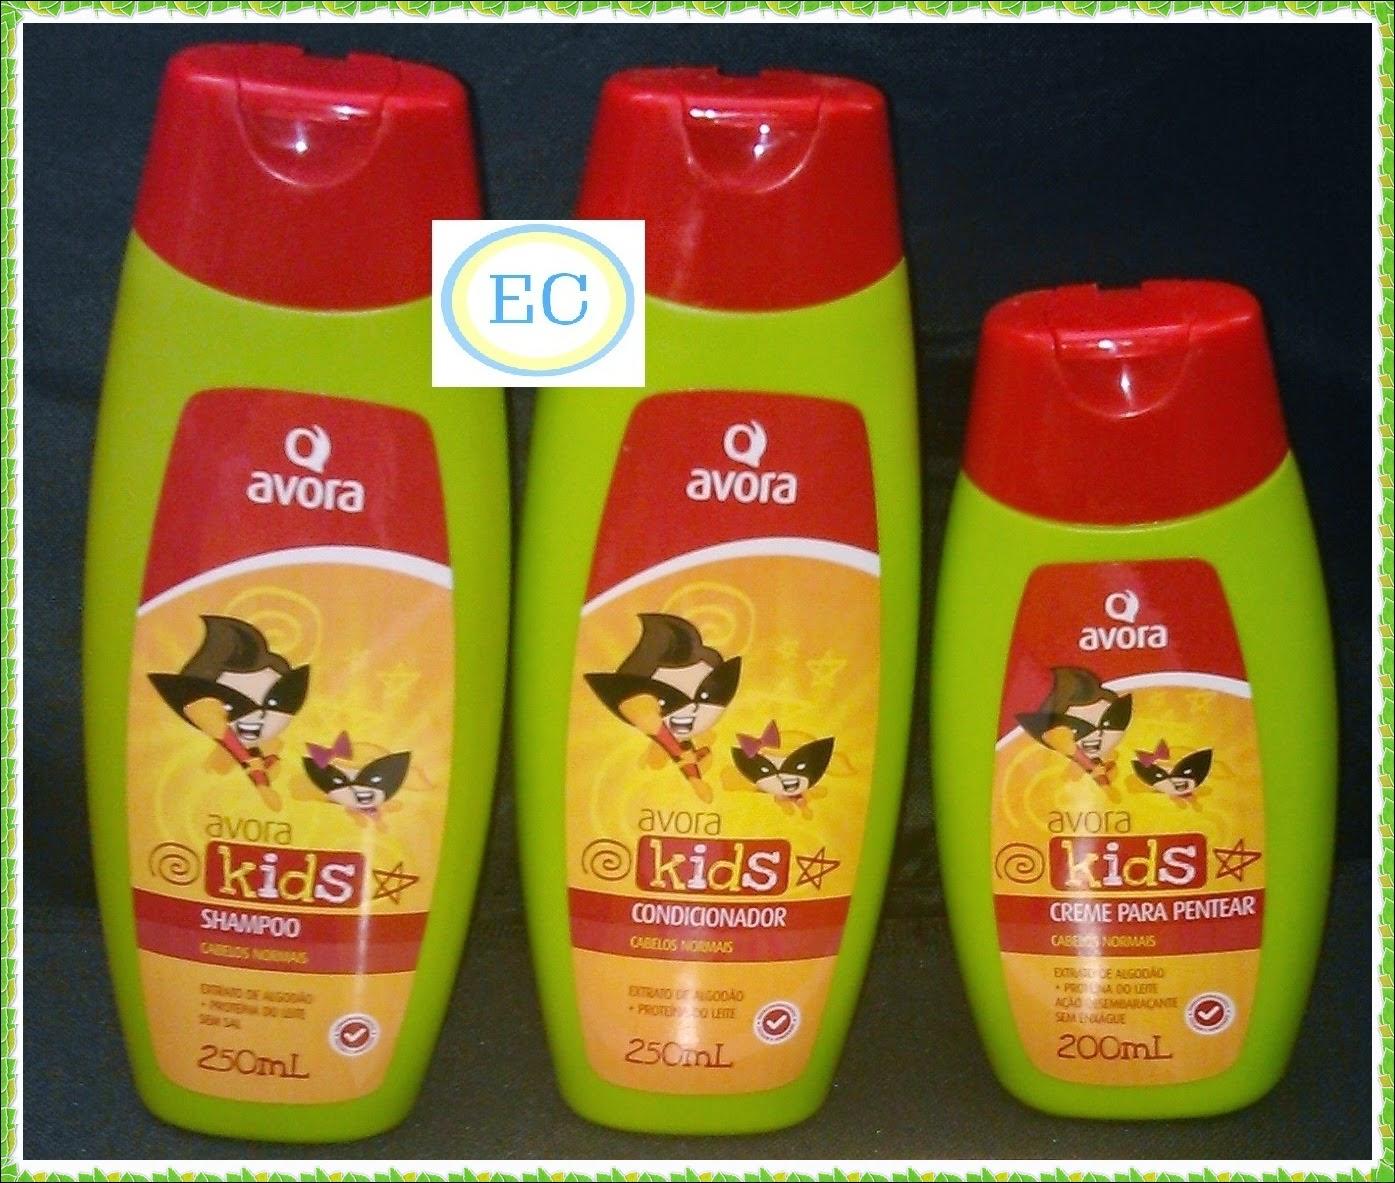 Avora Kids Cabelos Normais Shampoo e condicionador